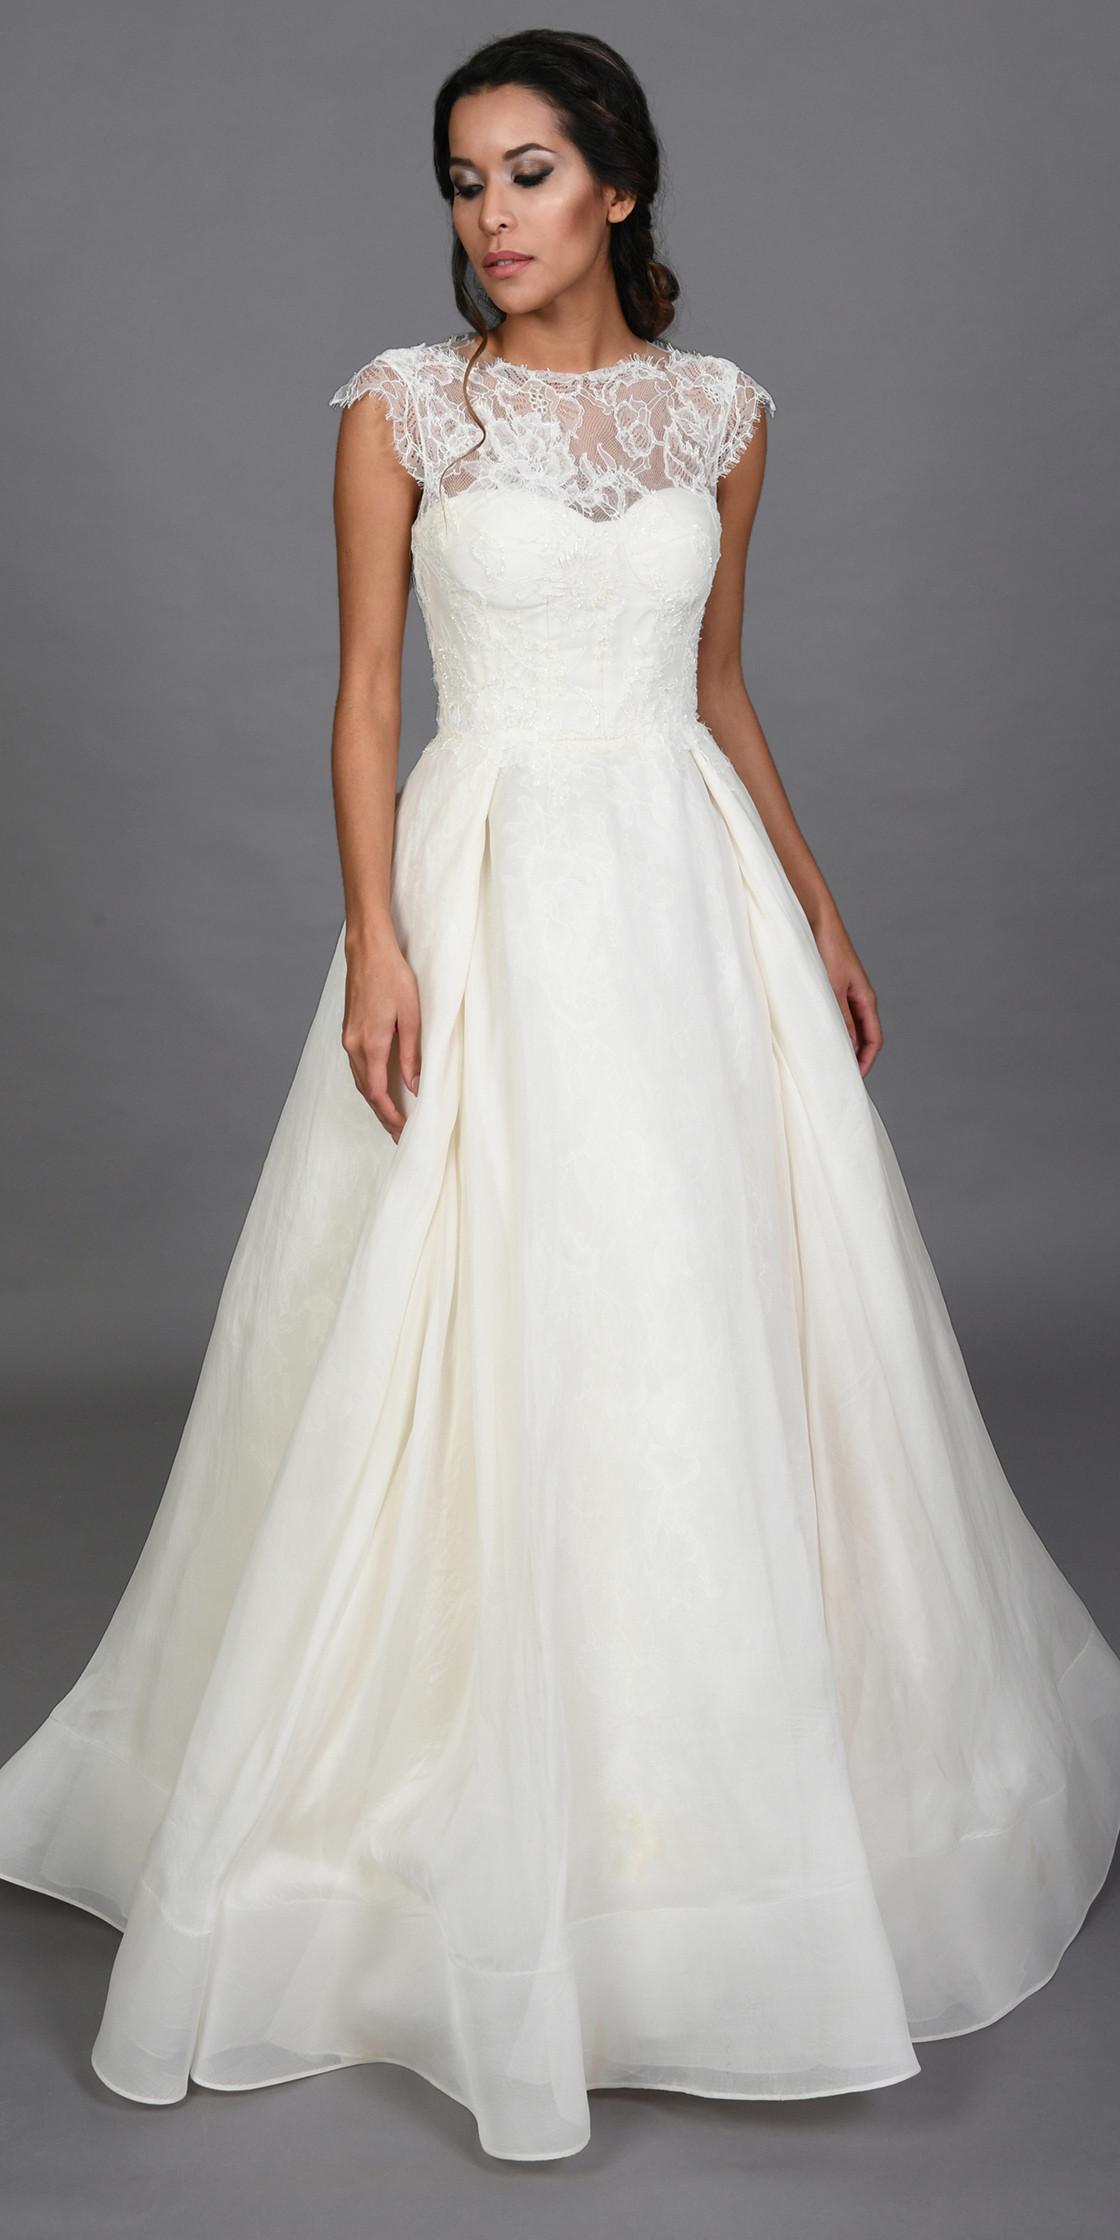 Rivini Organza Lace Gown Bridal Dress Rental Lebanon Rent A